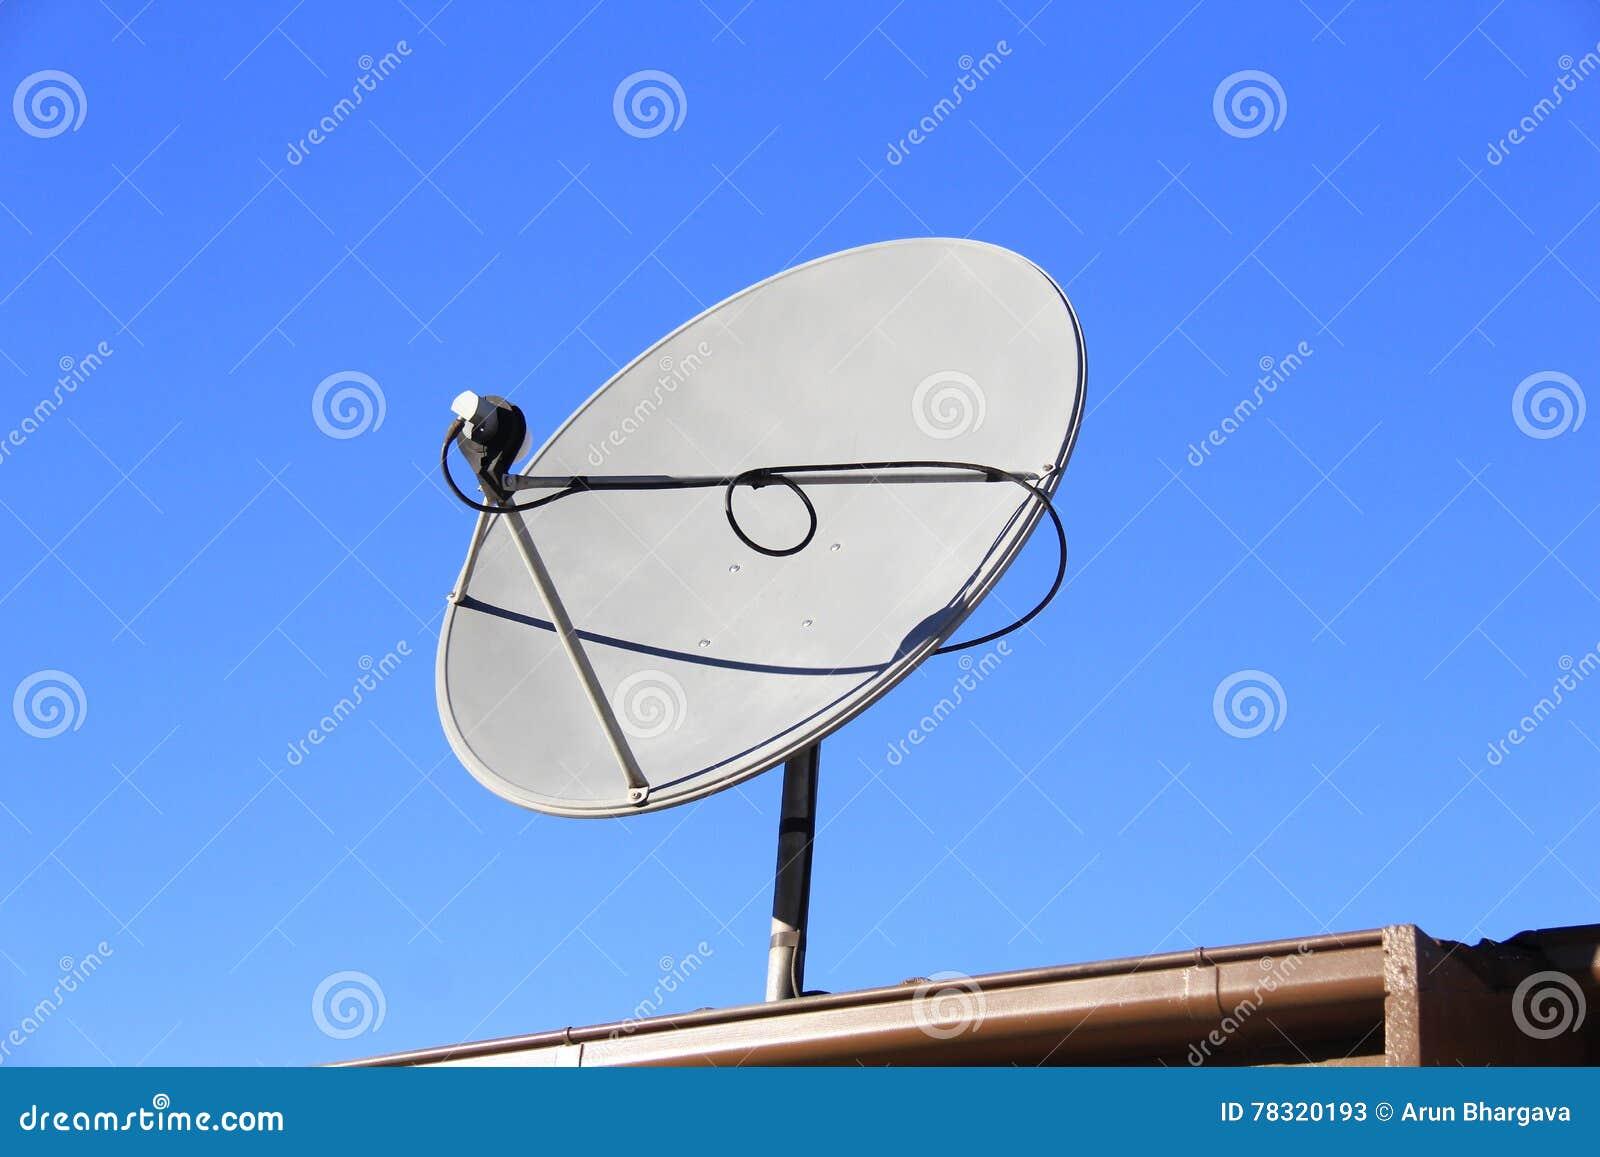 antenne d'antenne parabolique image stock - image du émission